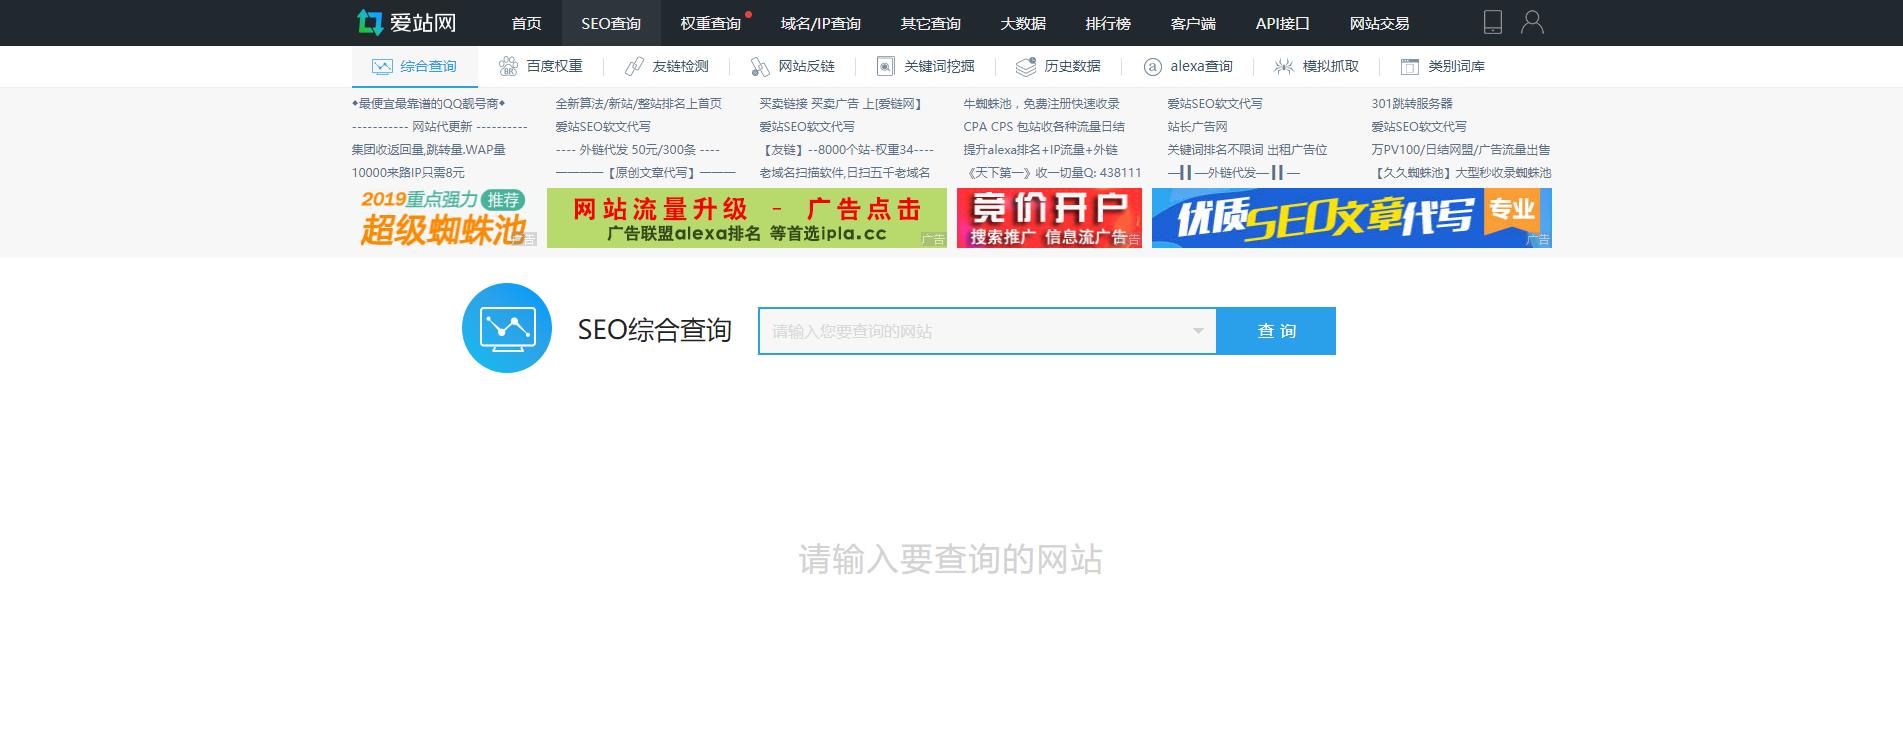 知名站长工具:爱站网综合查询工具可以正常使用了,目前官网首页在维护